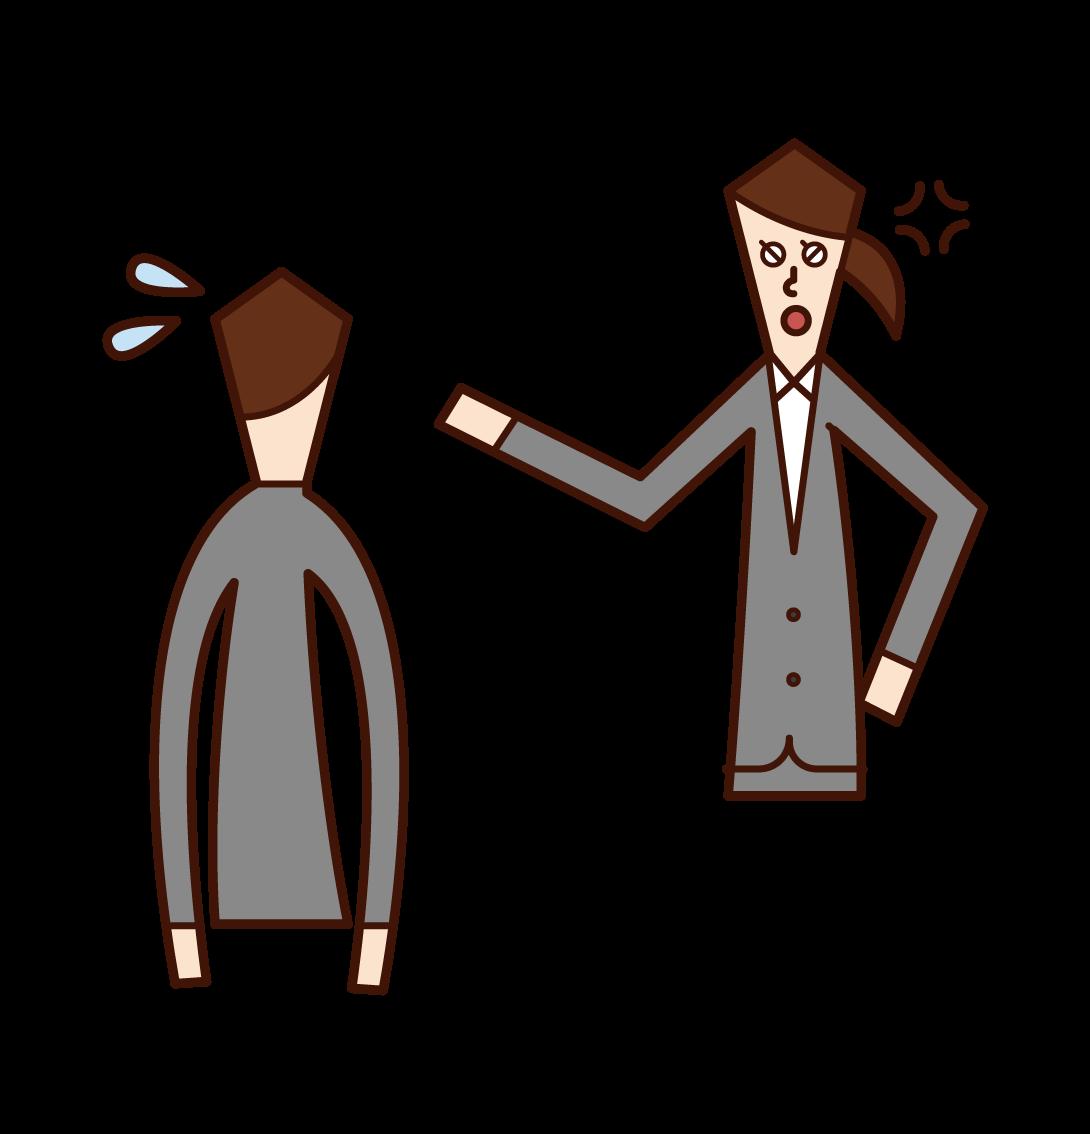 部下を叱責する上司(女性)のイラスト